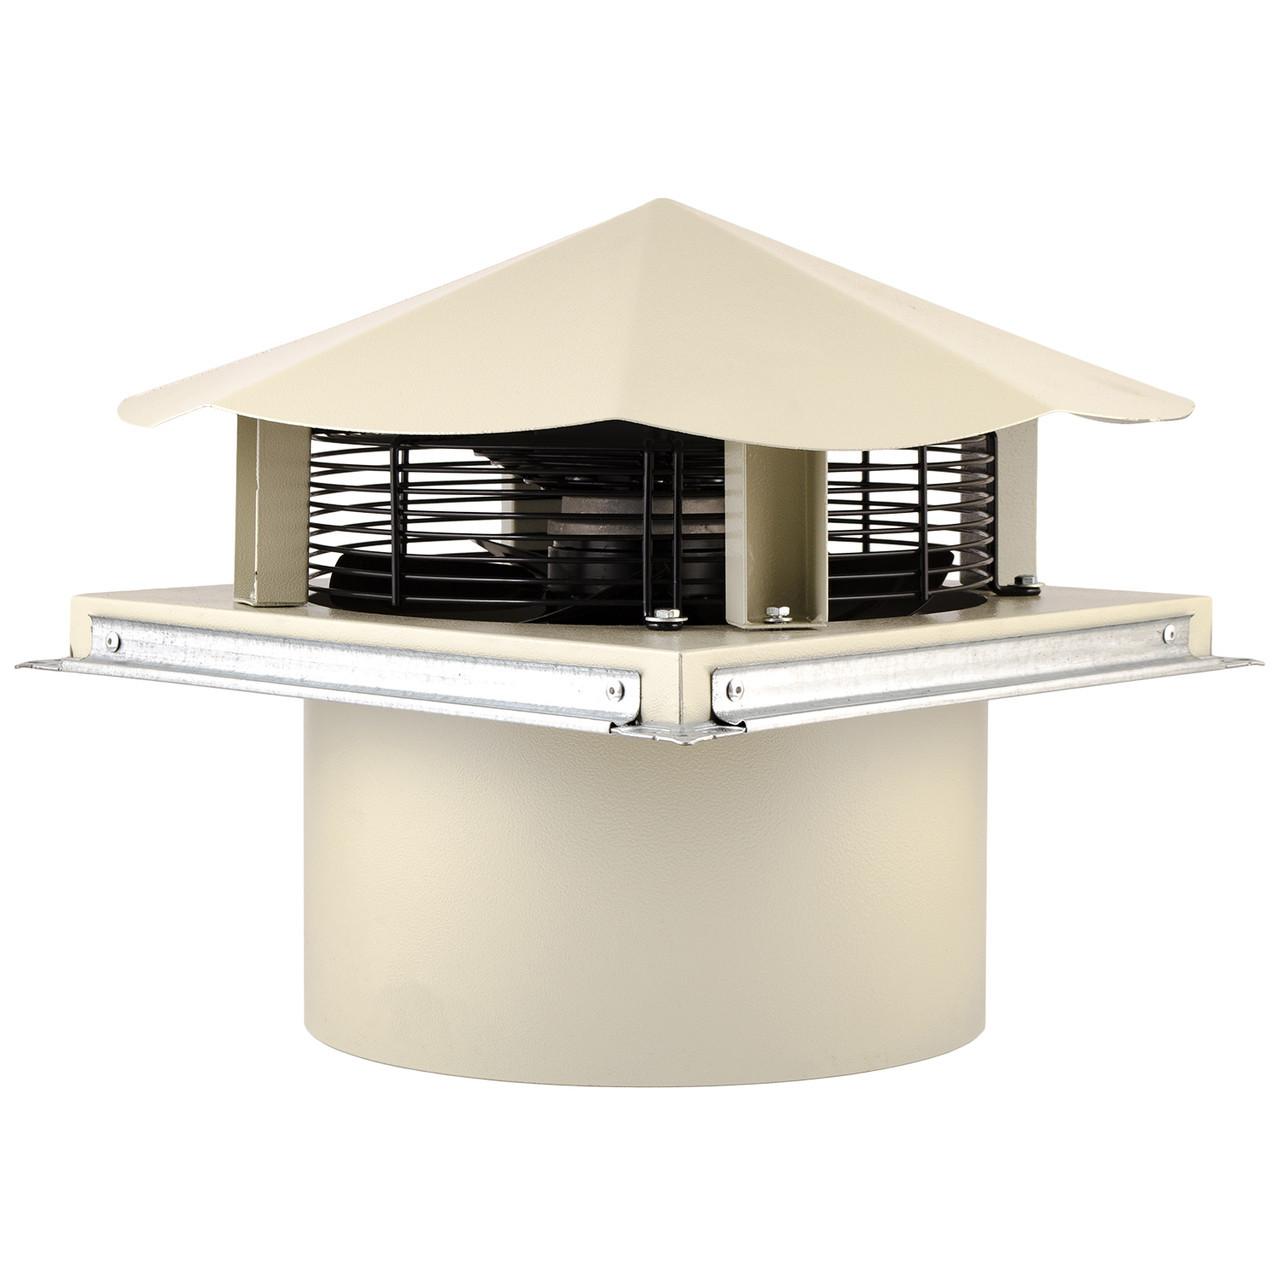 Осьовий даховий вентилятор Турбовент КВО 250